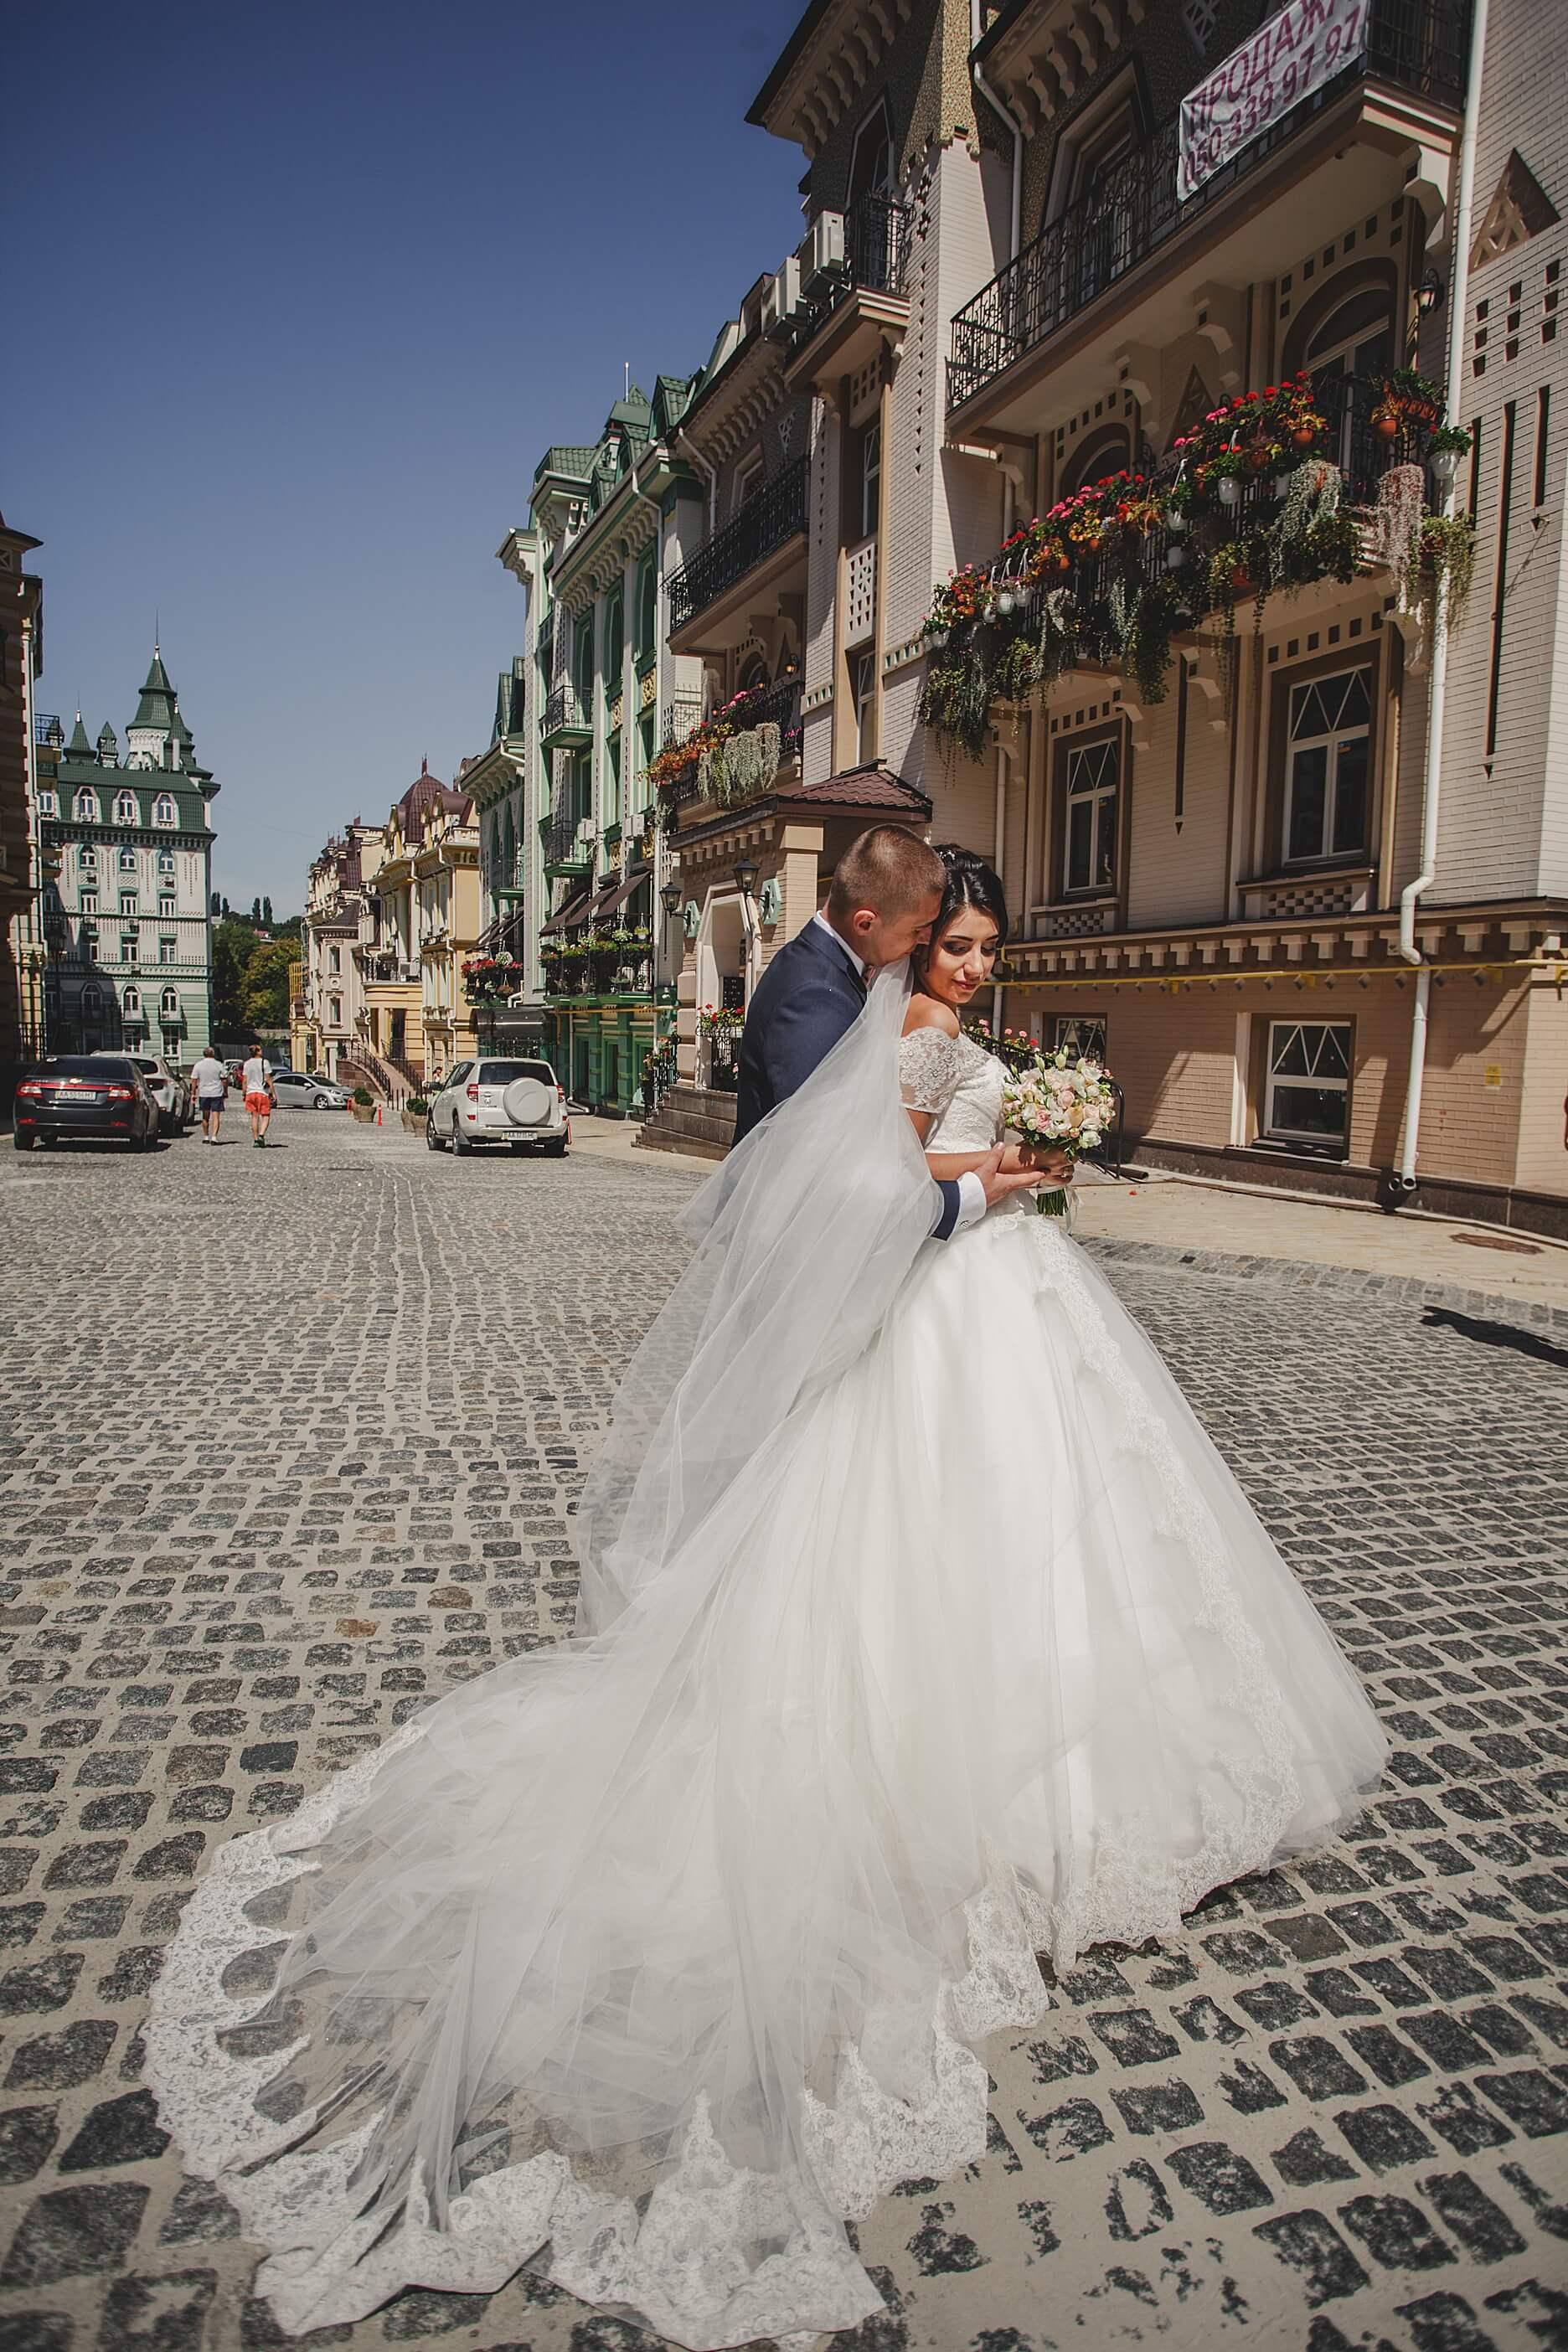 svadebnoe-foto-i-video-svadebnaja-komanda-fotograf-i-videooperator-na-svadbu-kiev-Vozdvizhenka-Kostel-svjatogo-Nikolaja-svadba-na-Vozdvizhenke-1